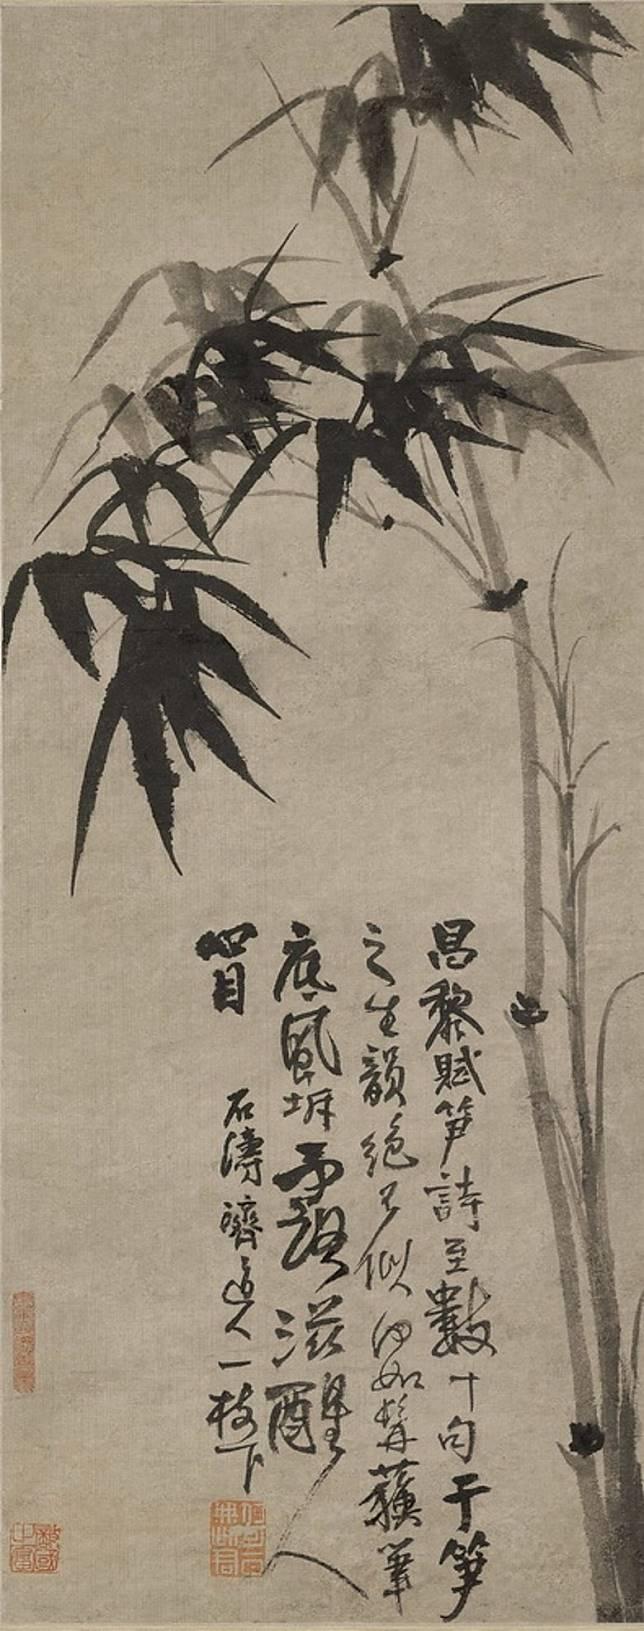 清初畫家石濤的《墨竹》,以617.5萬港元的高價成交。(互聯網)